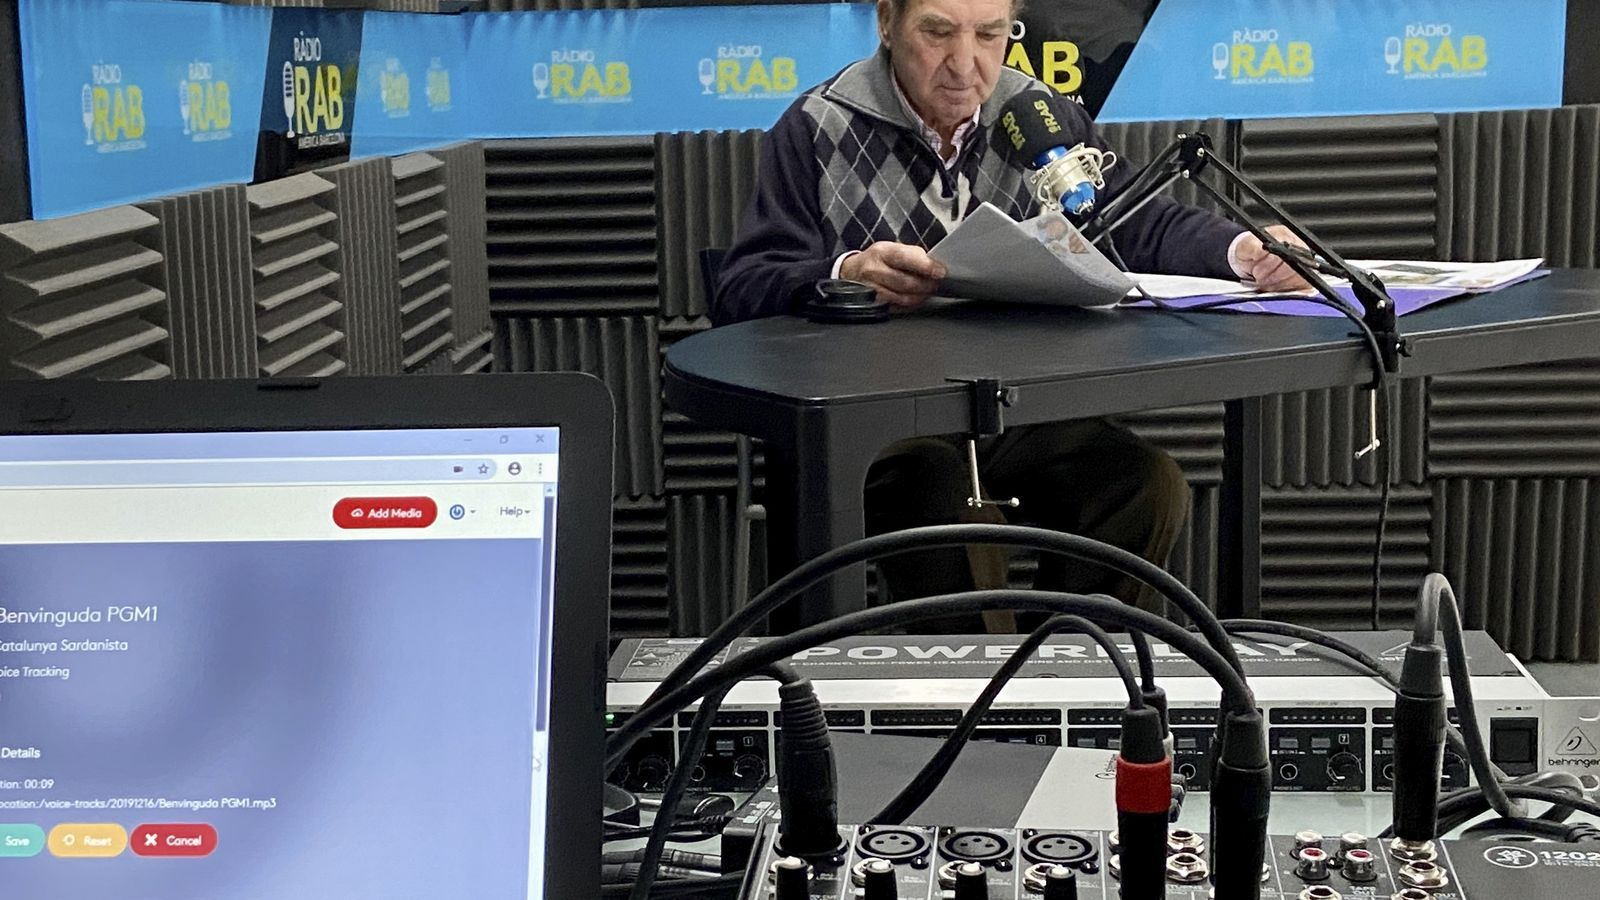 02_RAB_Radio_JosepRibera_CatalunyaSardanista